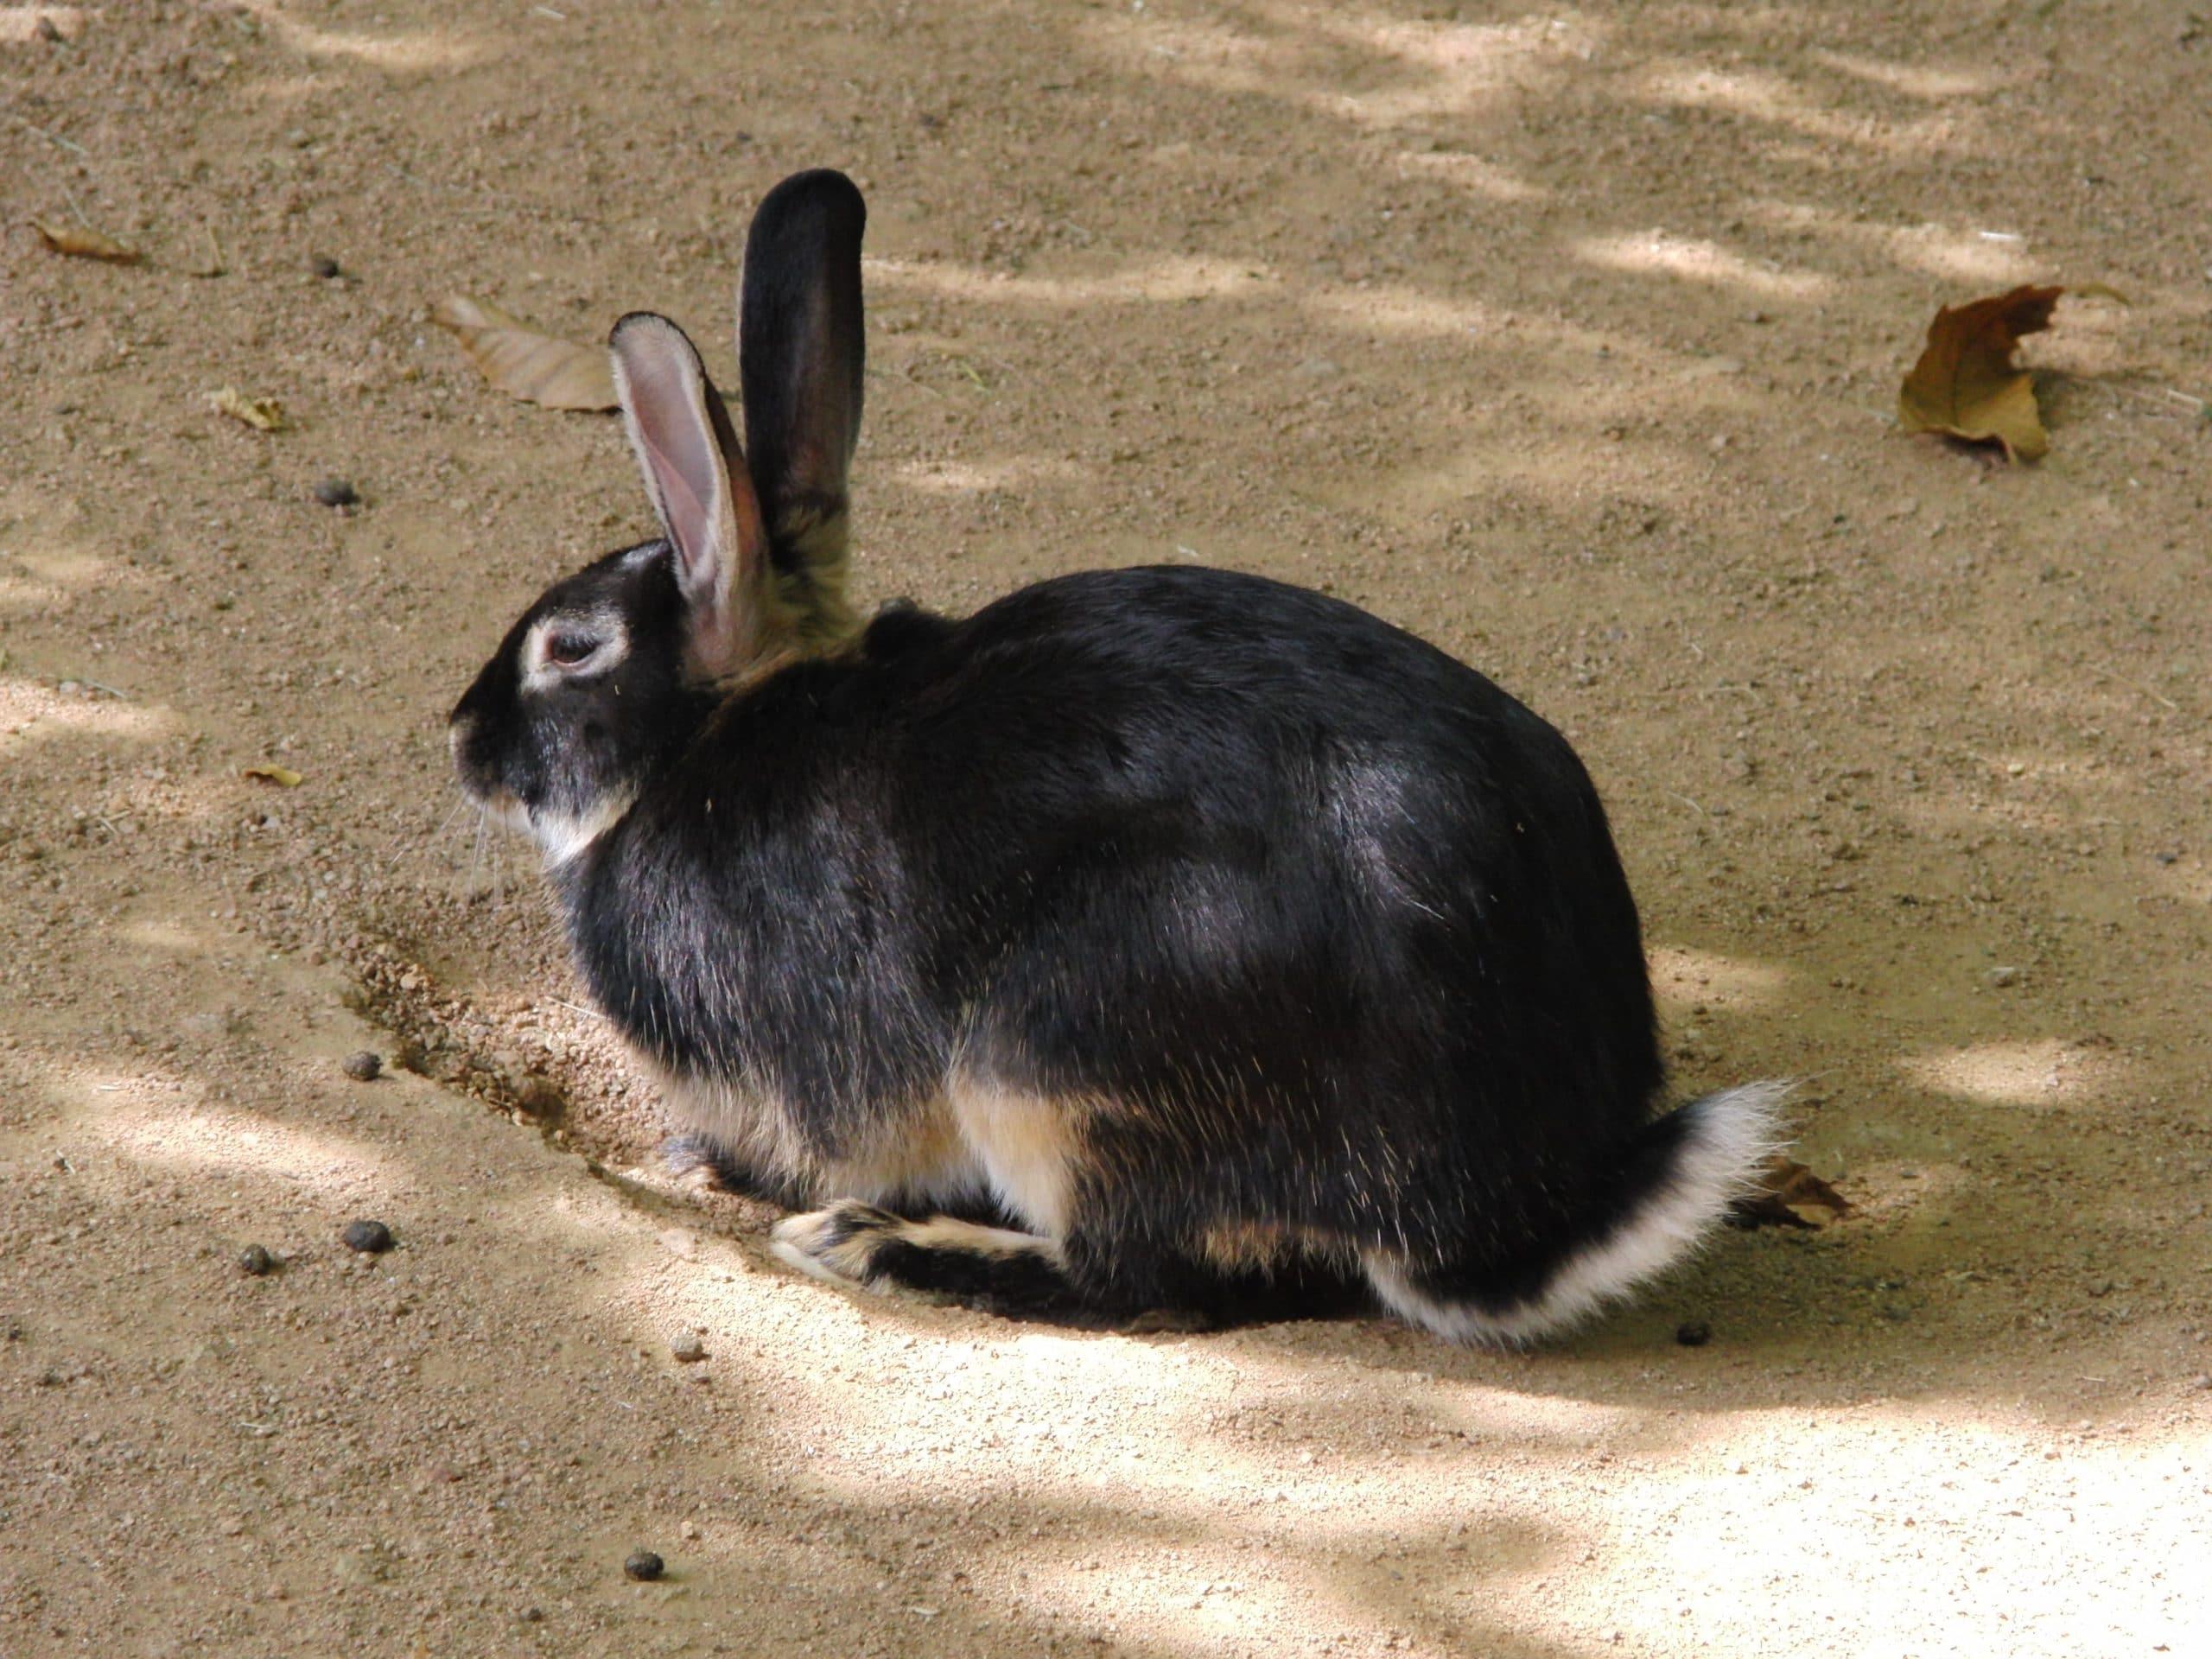 El conejo Lapin chevre tiene el pelo negro y marrón